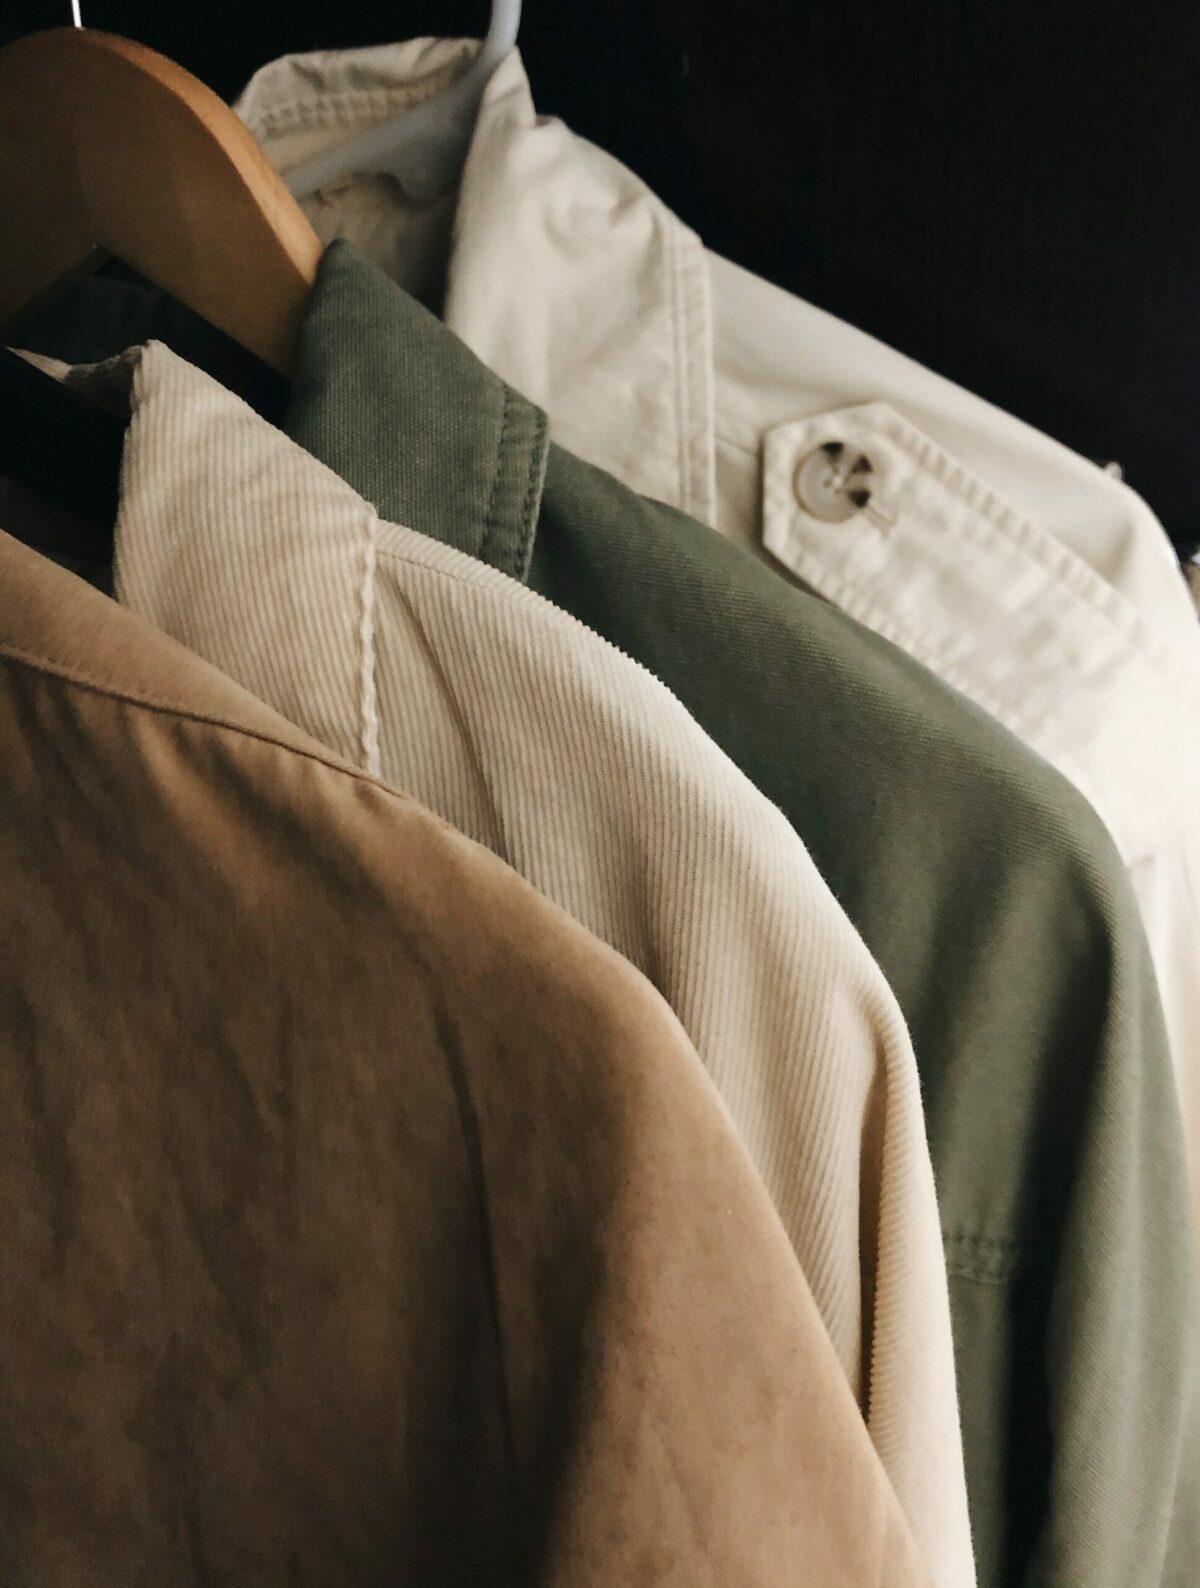 Qué colores favorecen más al vestir en un hombre